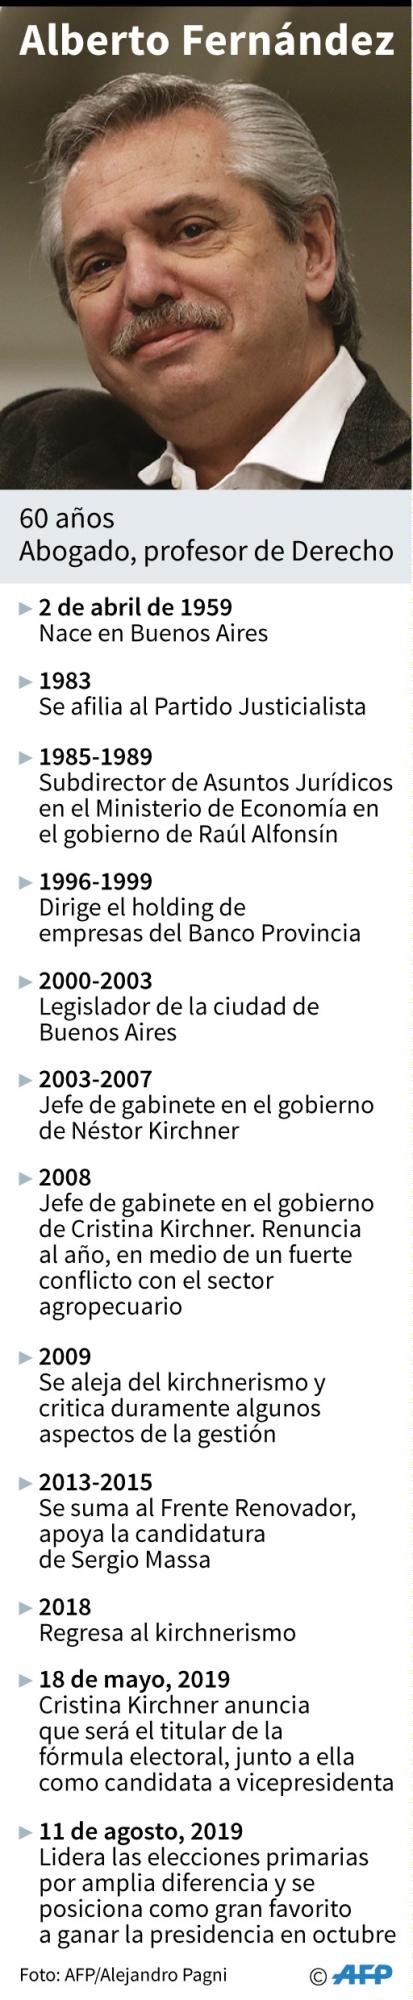 Ficha de Alberto Fernández, principal candidato a tomar la presidencia de Argentina. (Infografía: AFP)